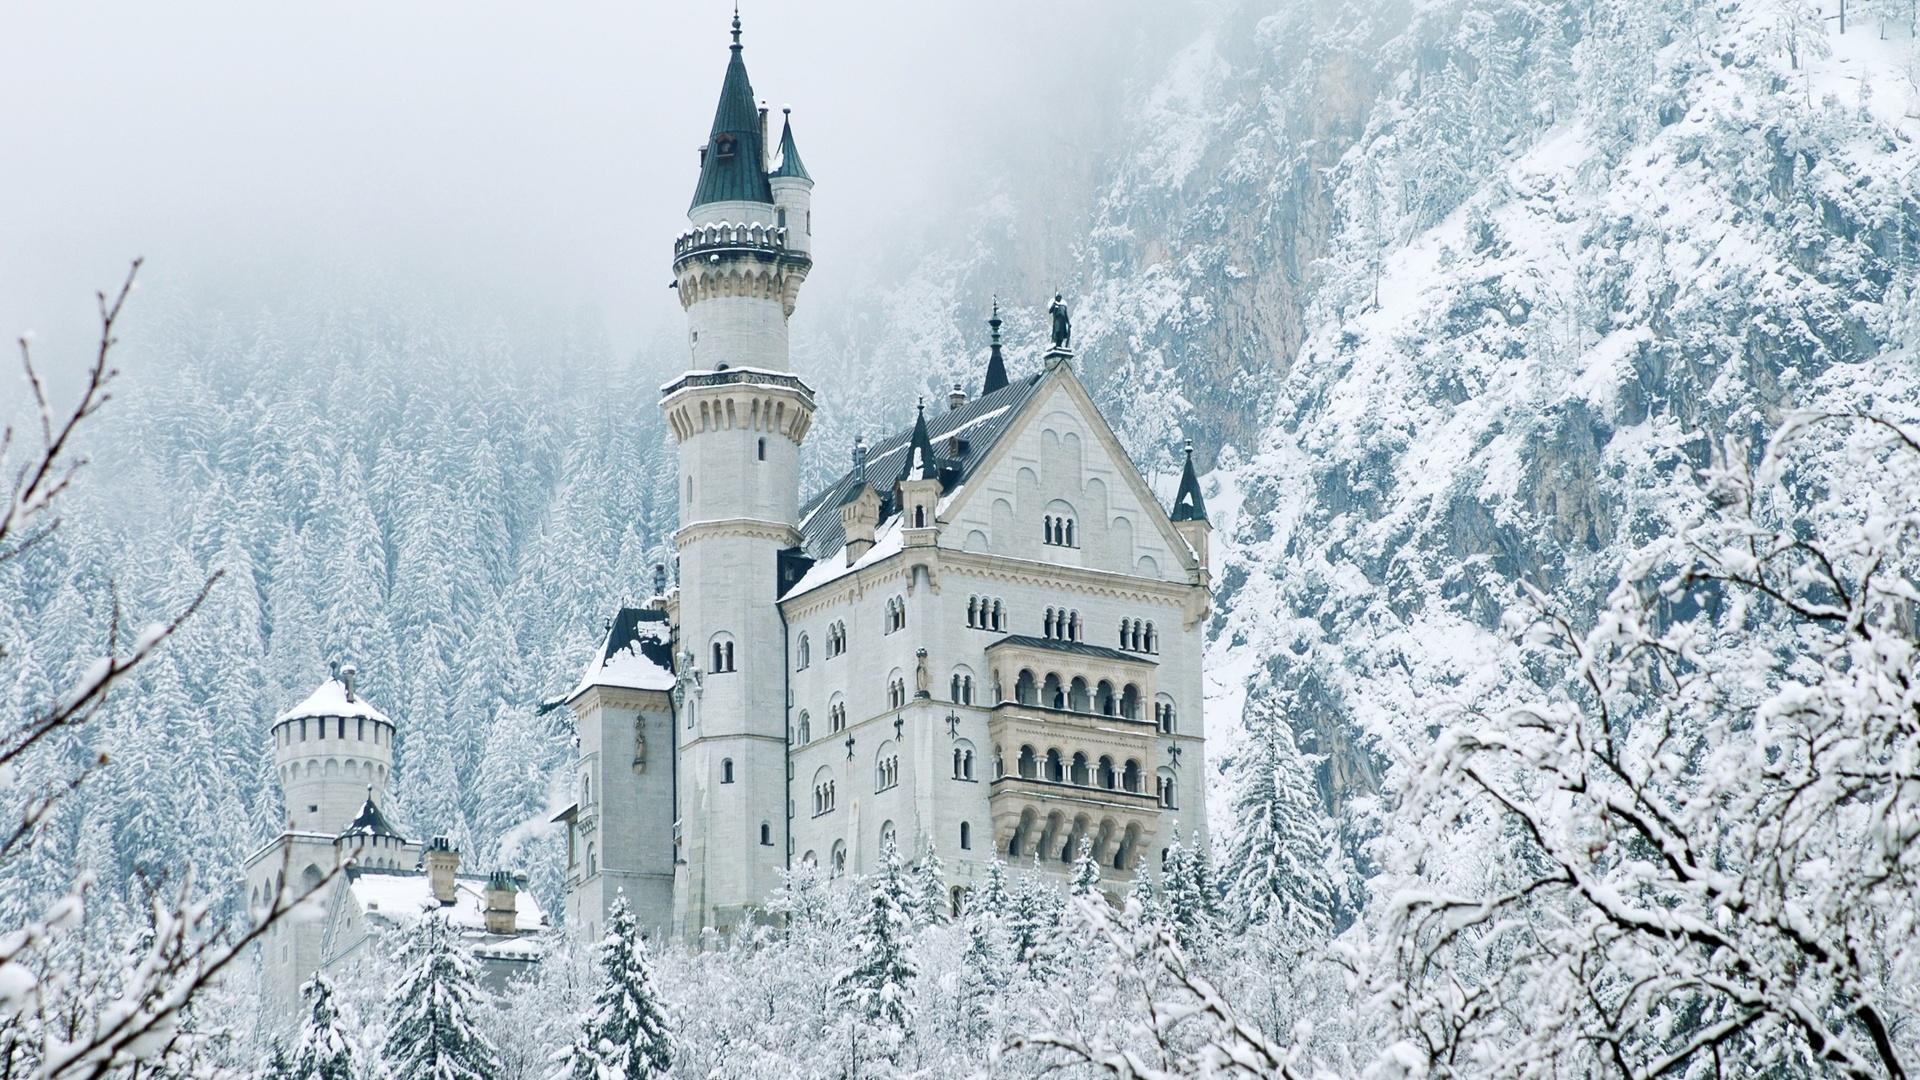 бавария, горы, альпы, замок, нойшванштайн, природа, пейзаж, зима, снег, деревья, леса